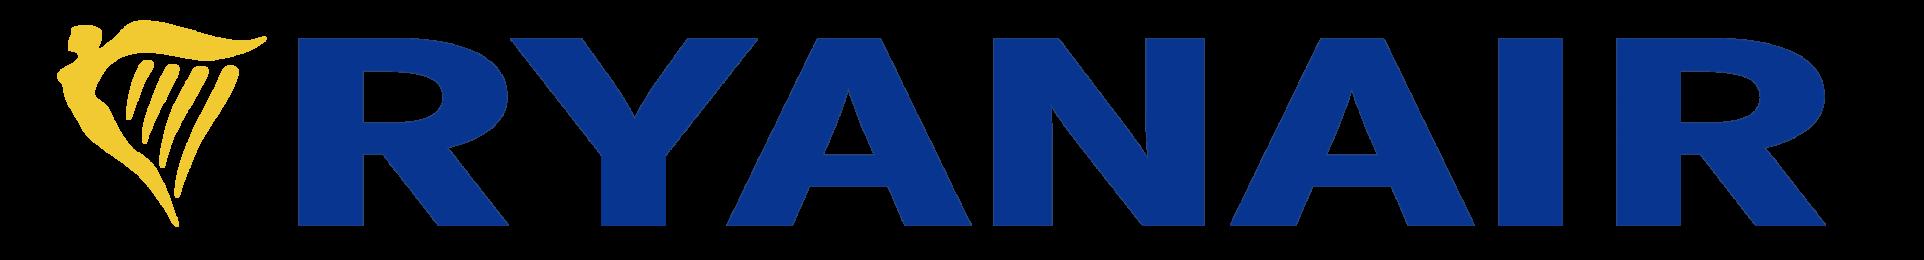 Infolinia Ryanair Linie Lotnicze | Telefon, adres, kontakt, informacje dodatkowe, numer